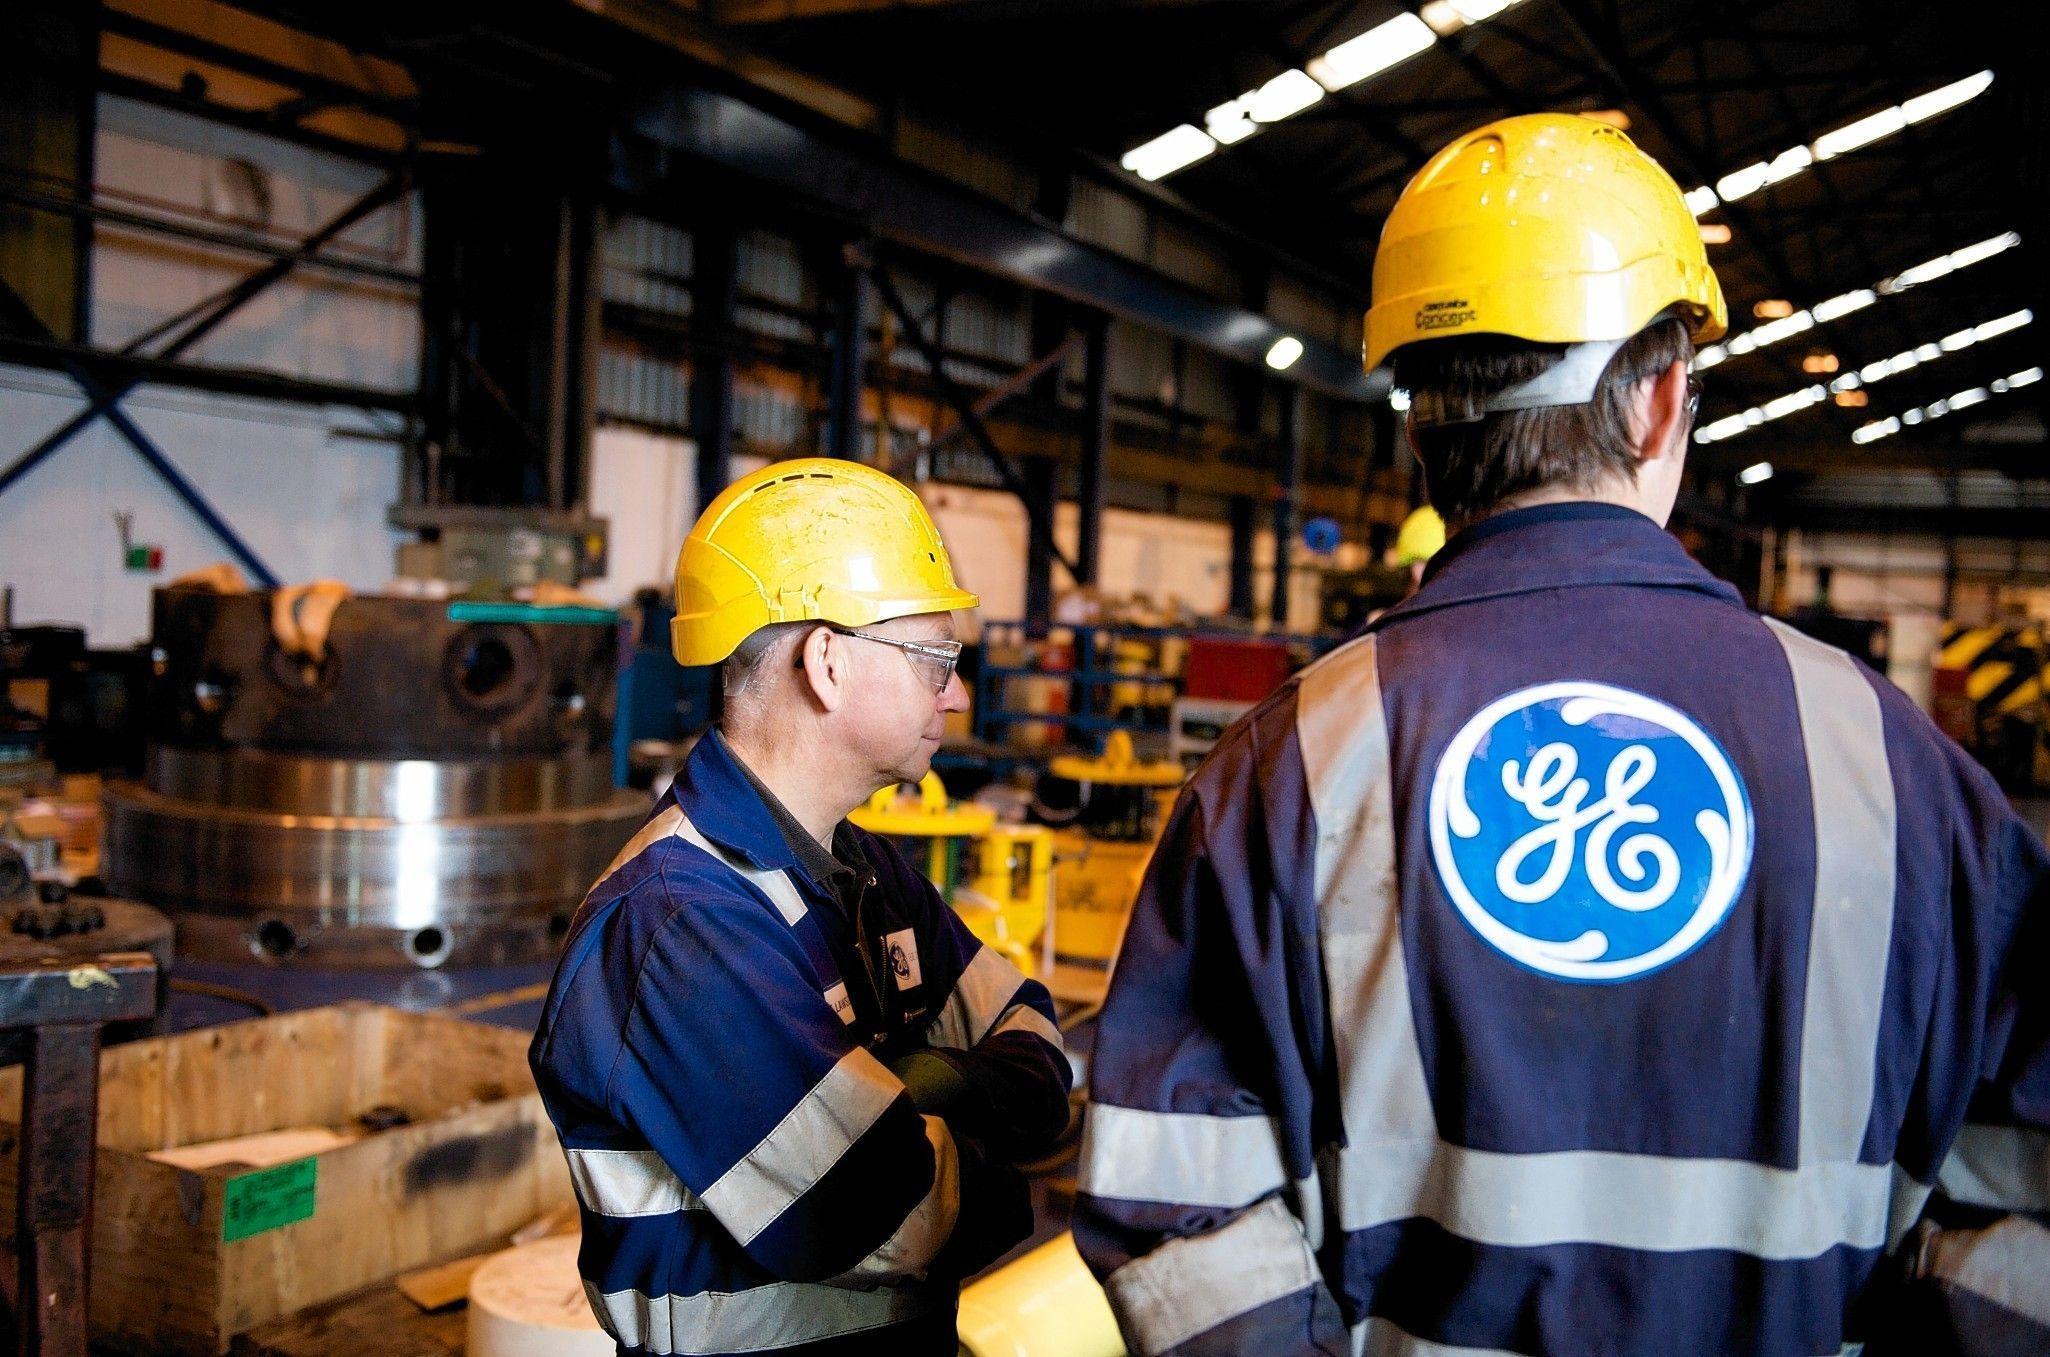 Processo seletivo em planta da GE Renewable Energy de Recife demanda vaga de ensino médio na área da qualidade